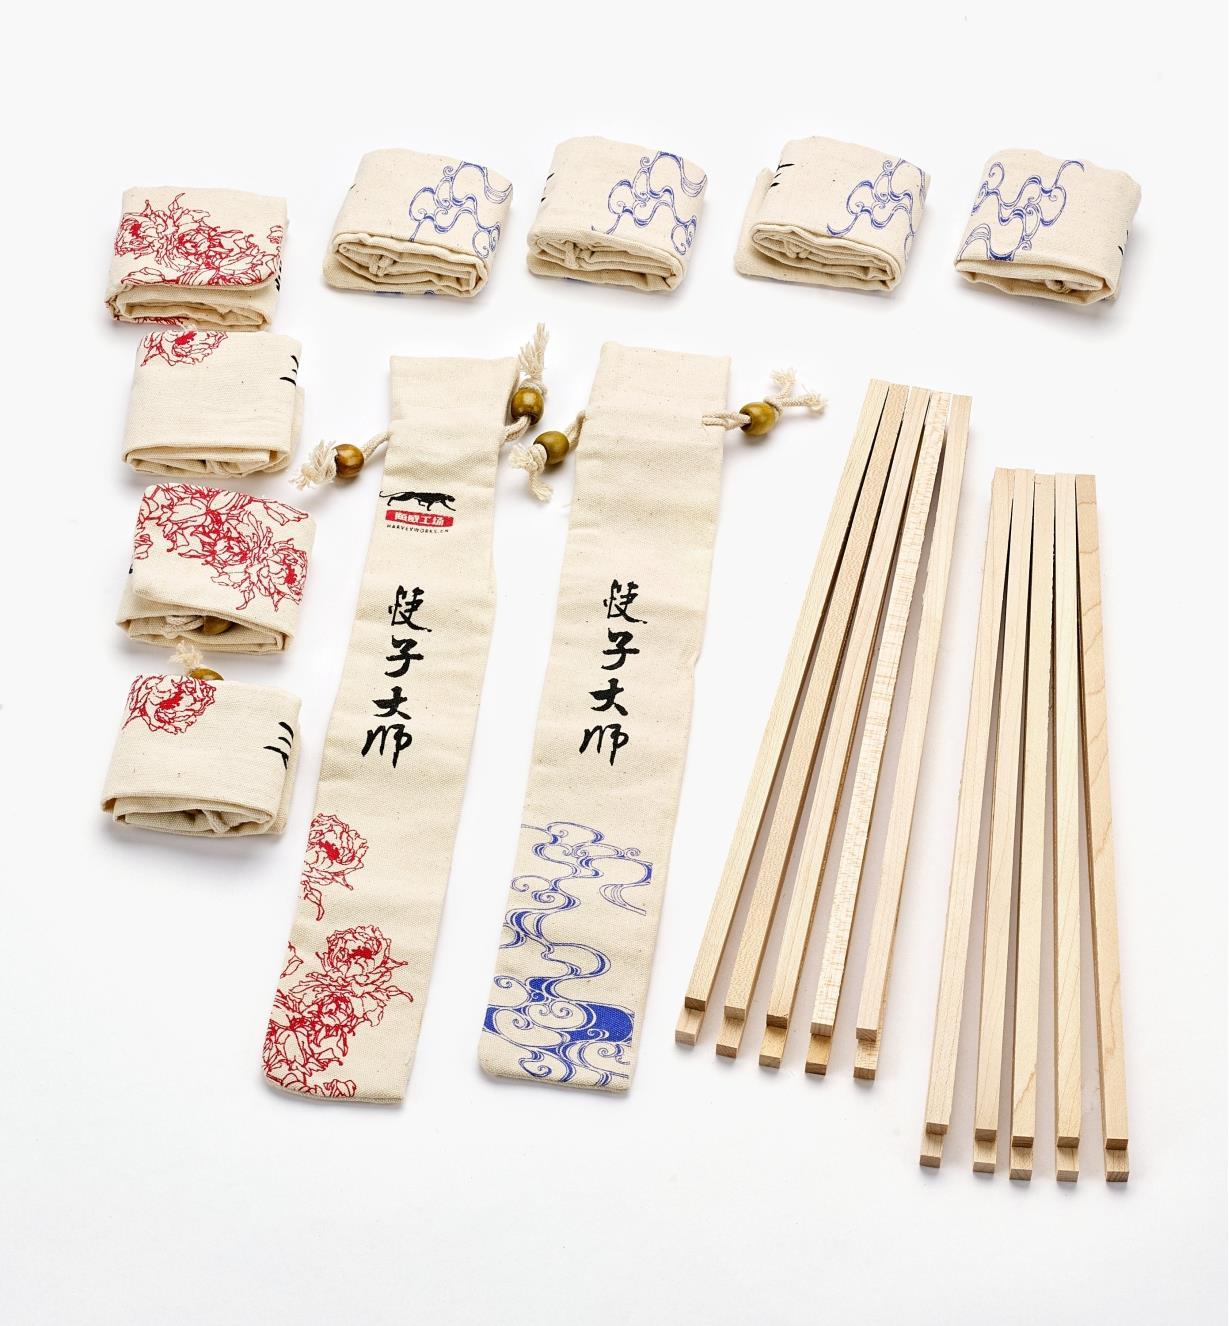 17N1608 - 10pr Maple Chopstick Blanks & Bags